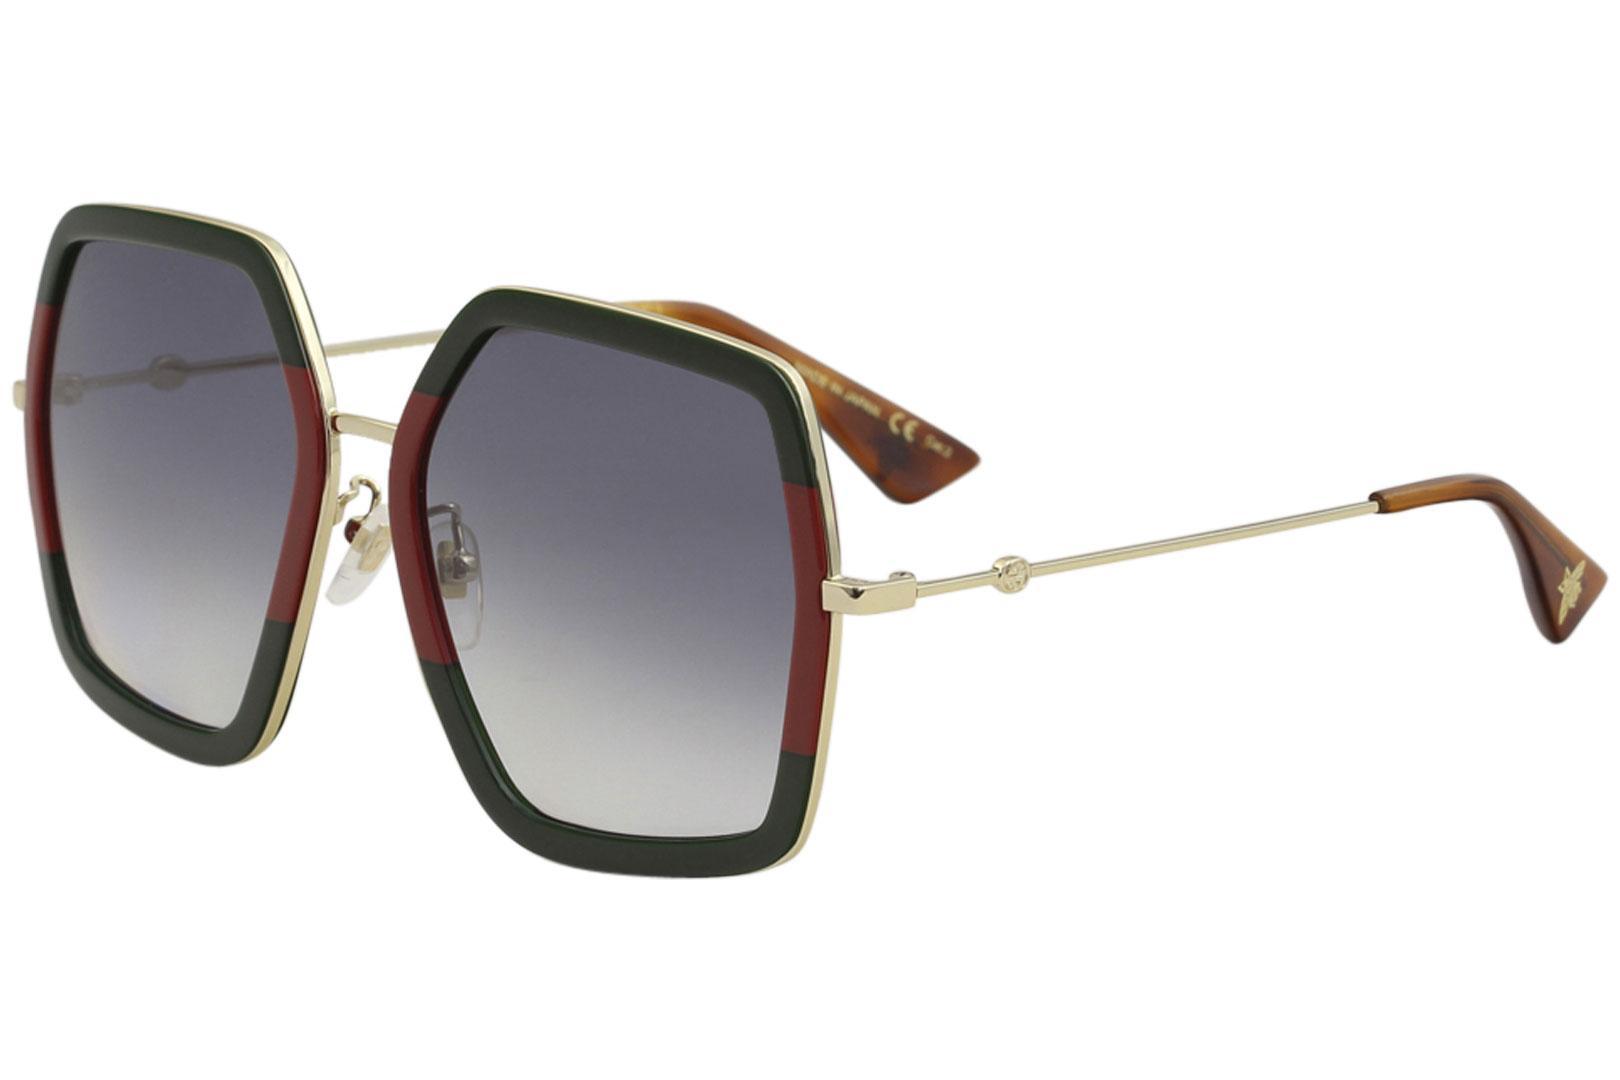 b894aad45 Gucci Women's GG0106S GG/0106S Square Sunglasses